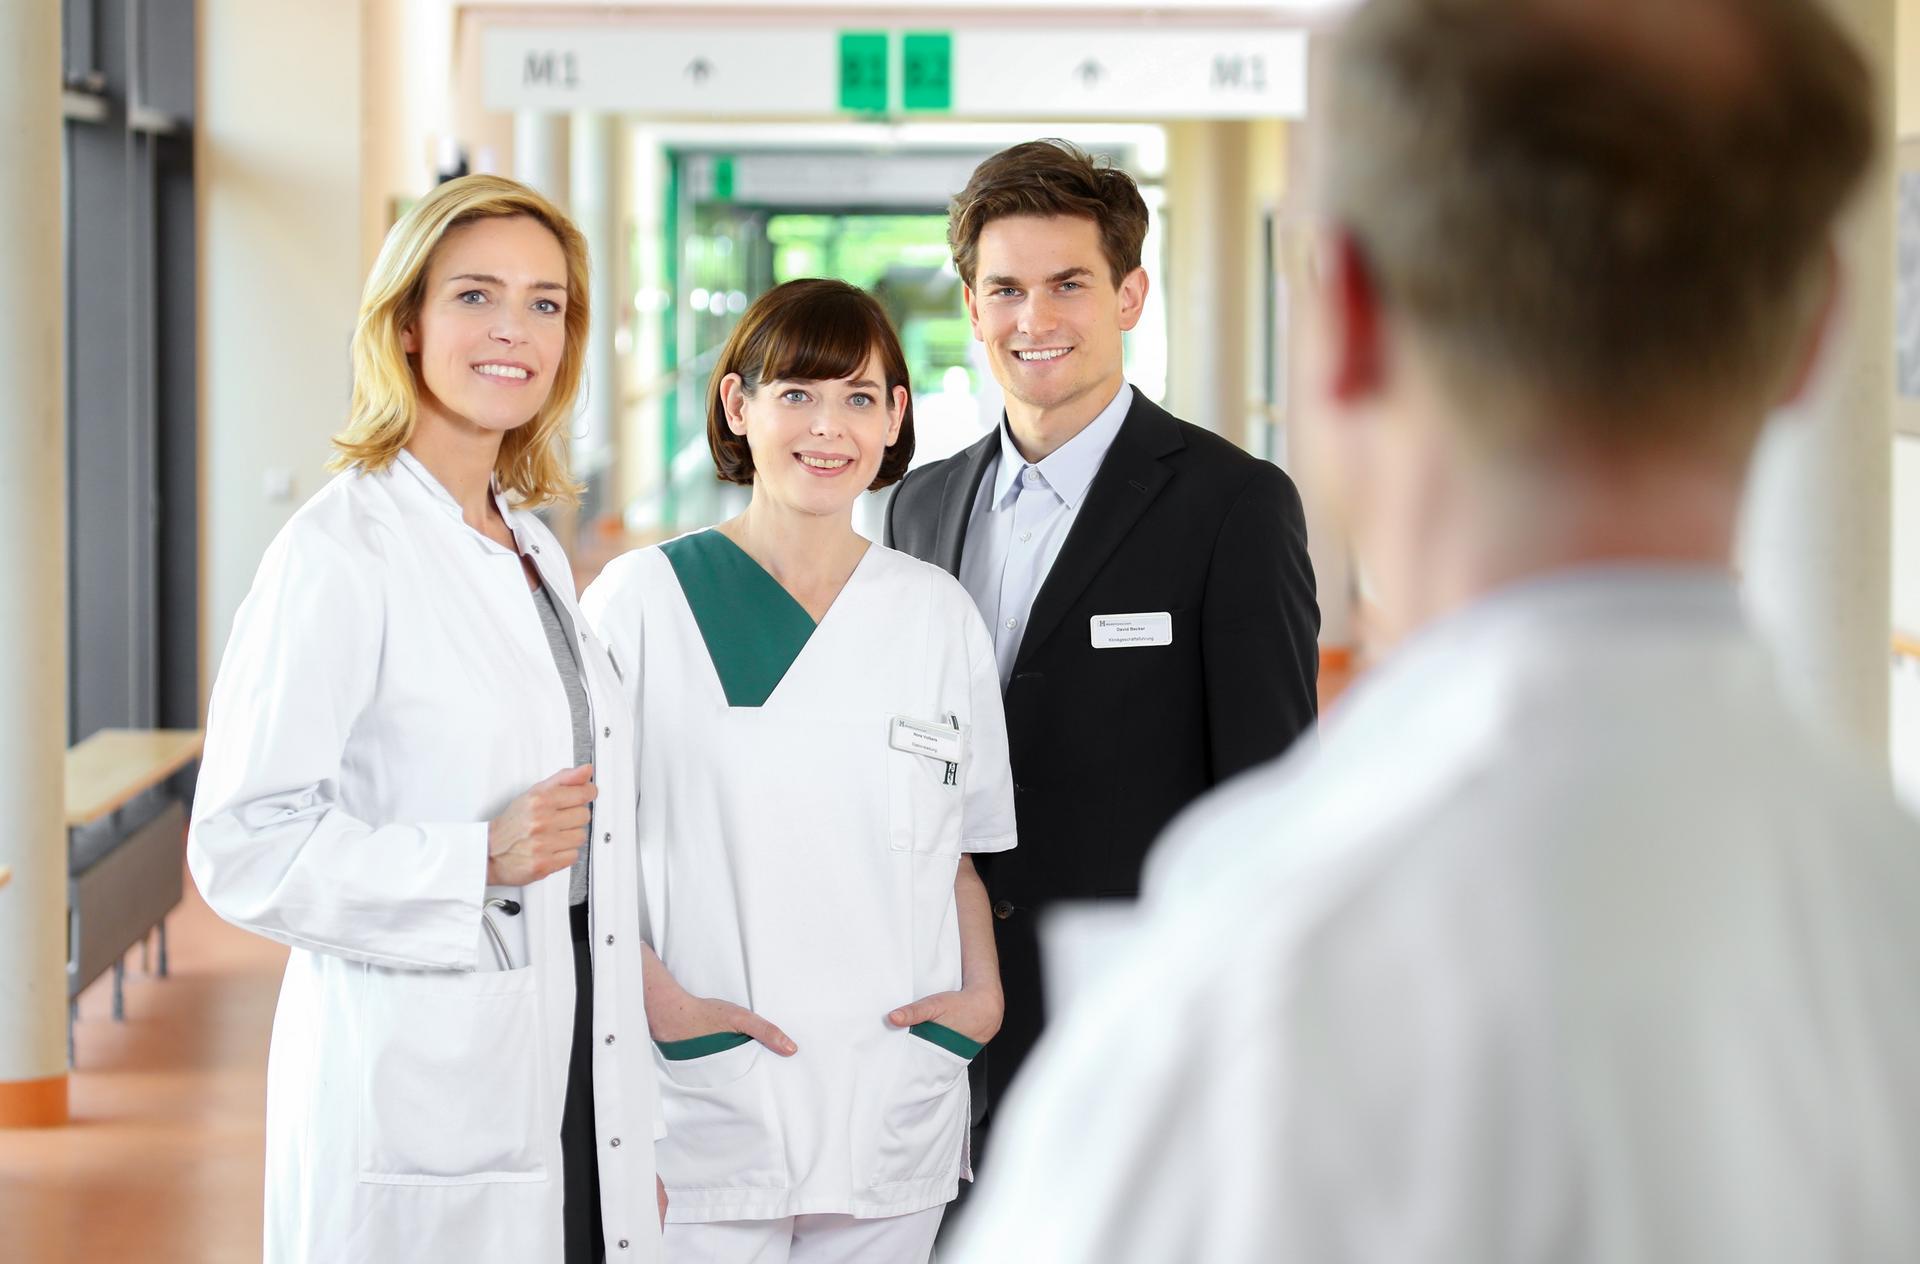 Atemberaubend Nicu Krankenschwester Ziel Wieder Aufnehmen Bilder ...